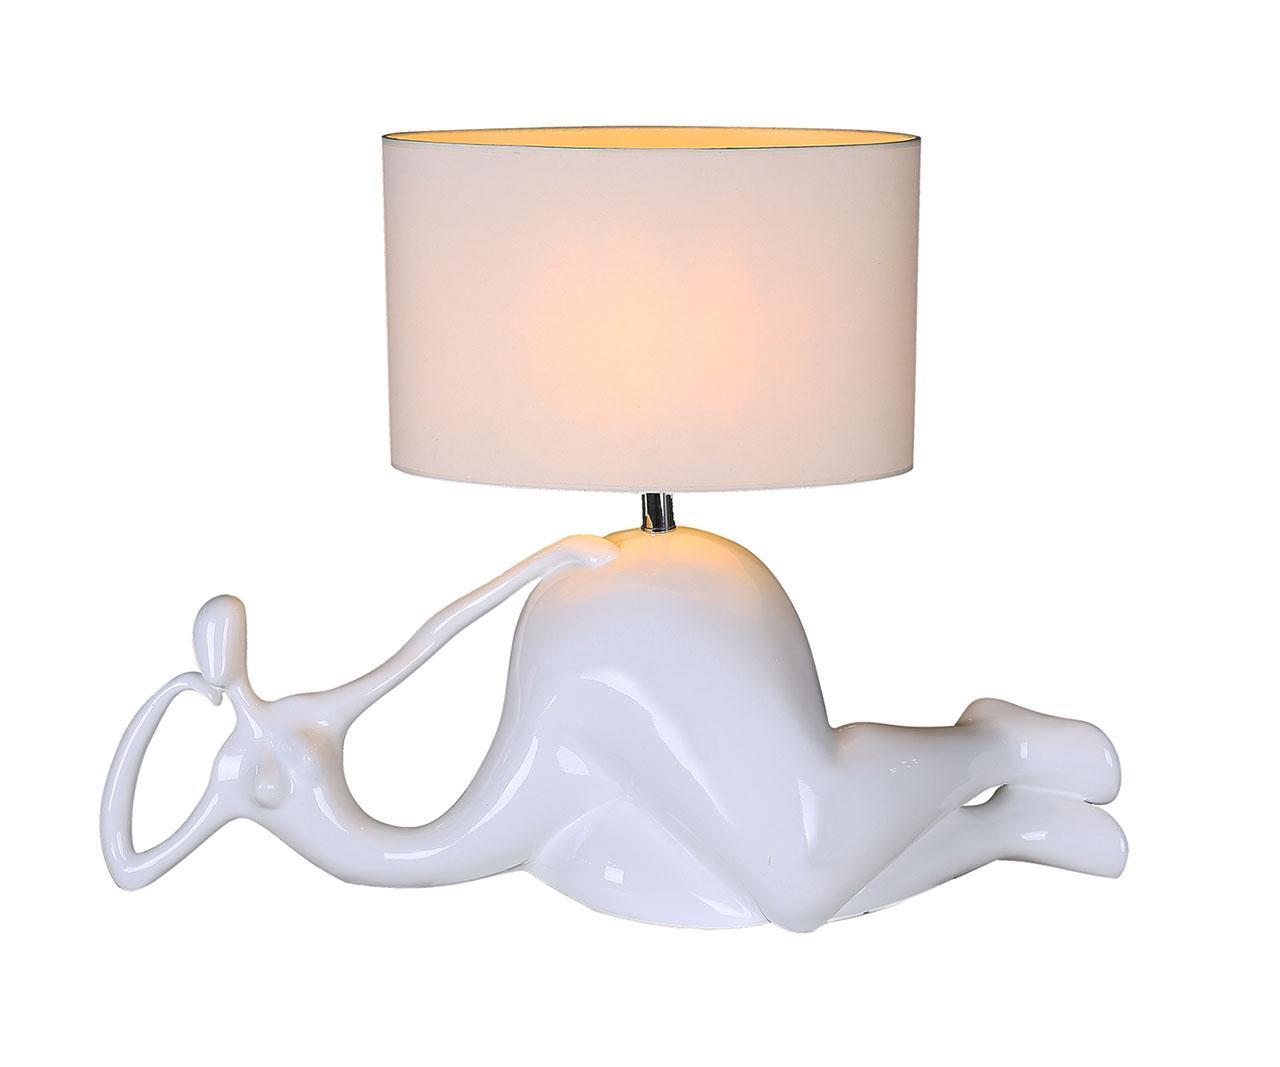 Купить со скидкой Настольная лампа мадам белого цвета